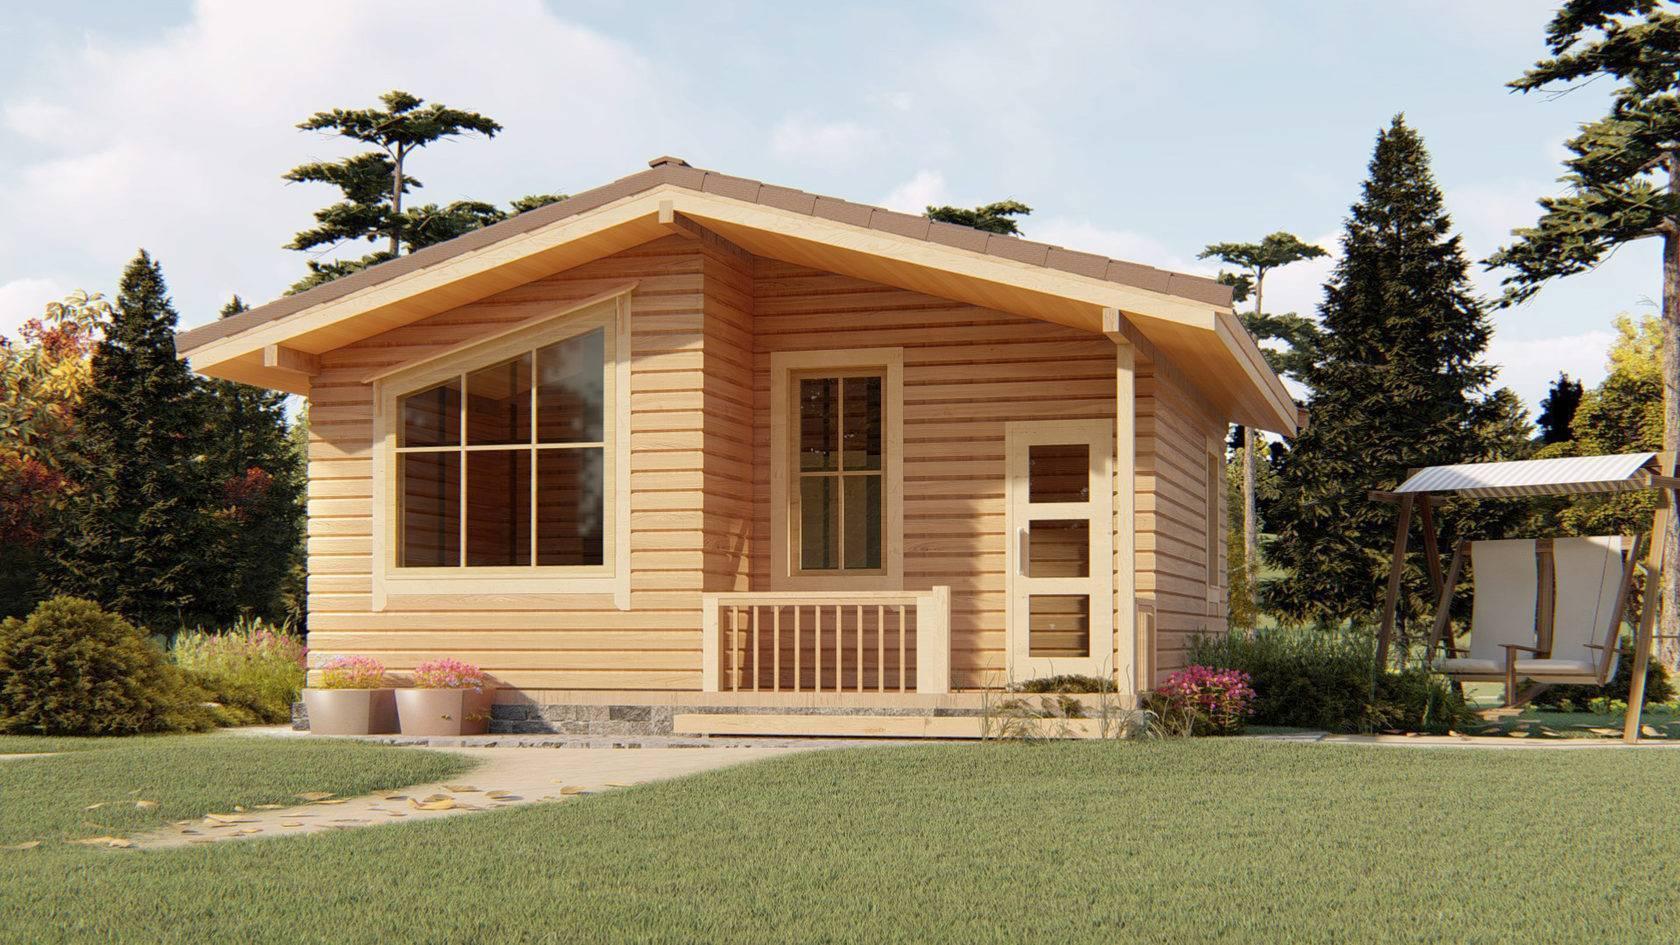 Проекты домов с односкатной крышей: 75 фото и планировка одноэтажных и двухэтажных коттеджей